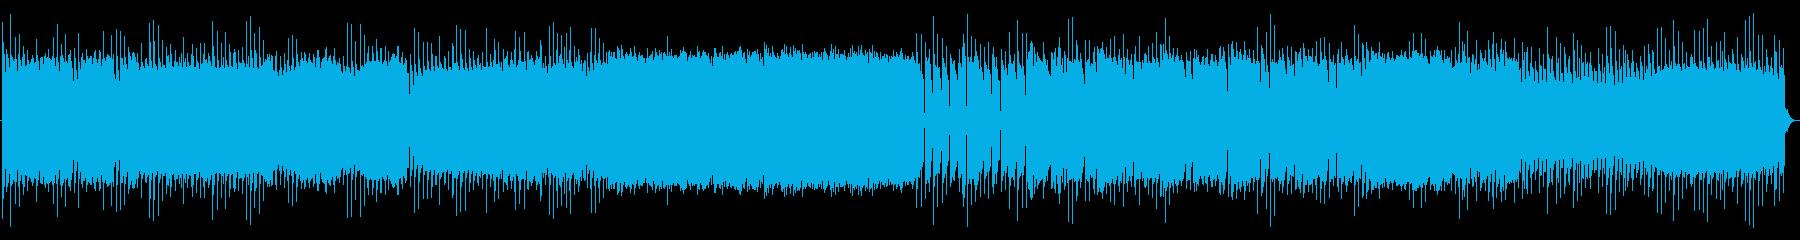 サイバーイメージのBGMの再生済みの波形